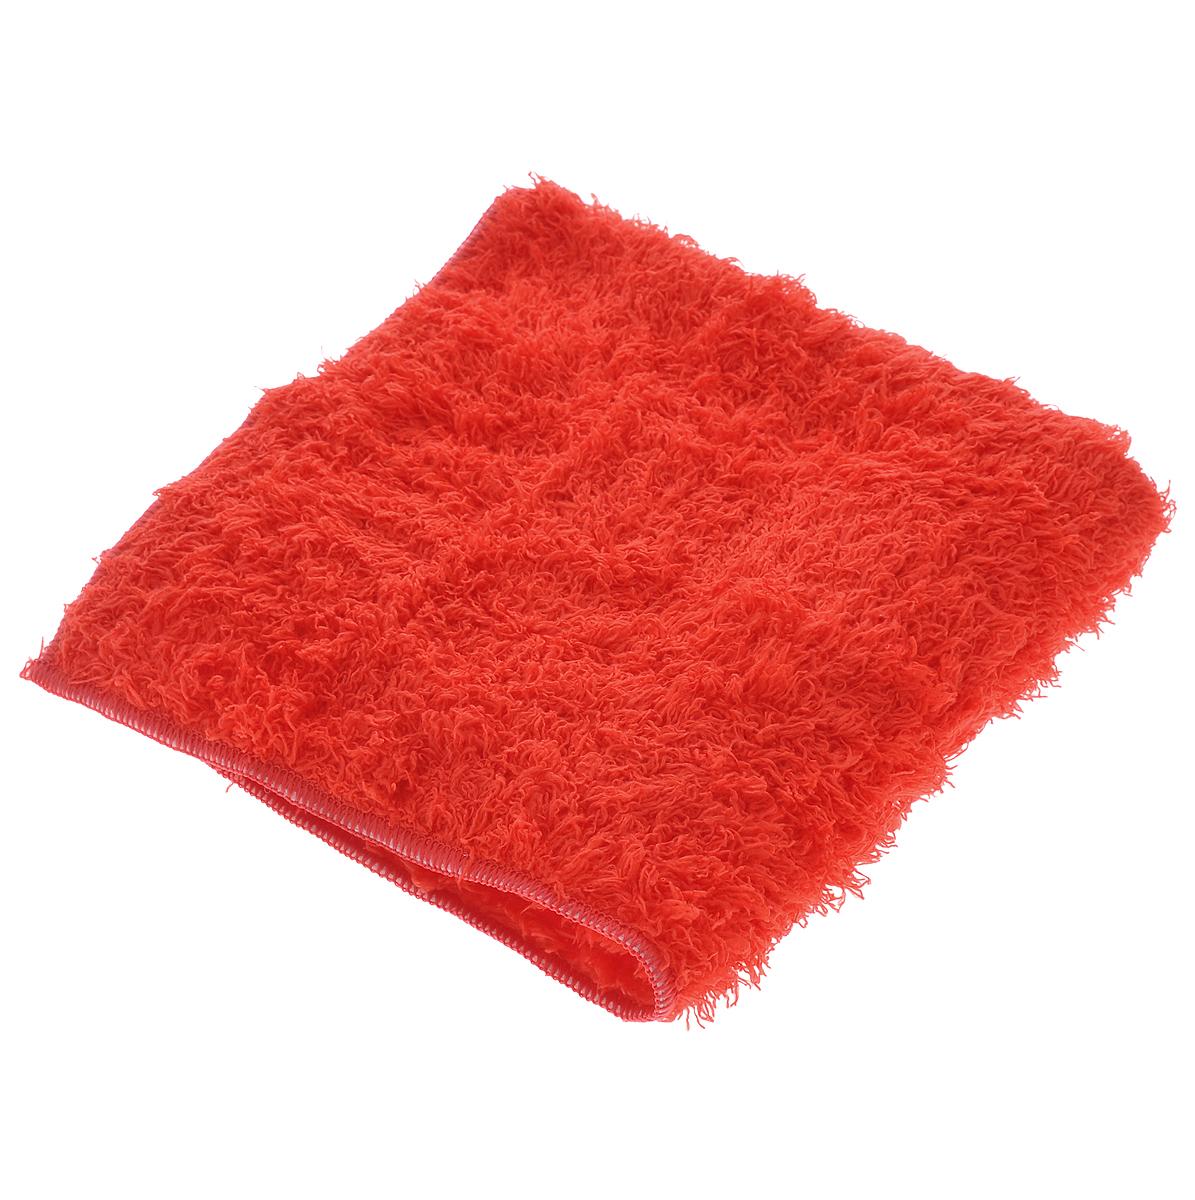 Салфетка чистящая Sapfire, для мытья и полировки автомобиля, цвет: красный, 40 см х 40 смSFM-3022_красныйБлагодаря своей уникальной ворсовой структуре, салфетка Sapfire прекрасно подходит для мытья и полировки автомобиля. Материал салфетки (микрофибра) обладает уникальной способностью быстро впитывать большой объем жидкости. Клиновидные микроскопические волокна захватывают и легко удерживают частички пыли, жировой и никотиновый налет, микроорганизмы, в том числе болезнетворные и вызывающие аллергию. Салфетка великолепно удаляет пыль и грязь. Протертая поверхность становится идеально чистой, сухой, блестящей, без разводов и ворсинок. Размер салфетки: 40 см х 40 см.